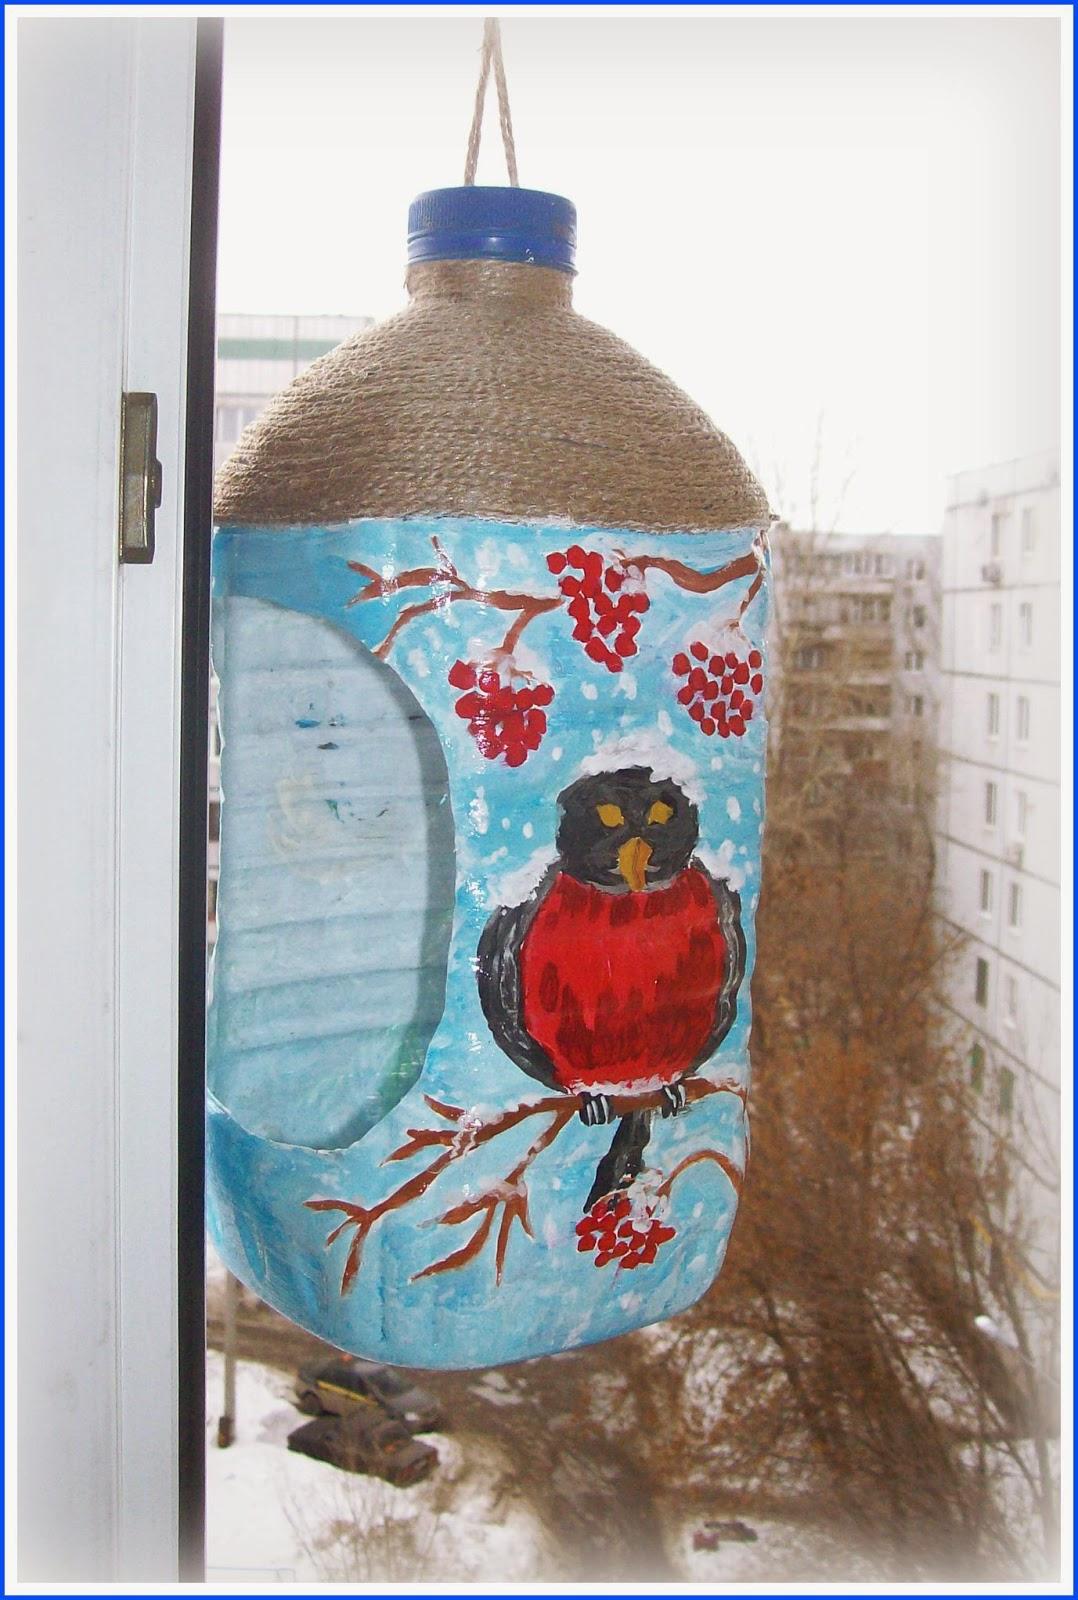 оригинальная кормушка для птиц из пластиковой бутылки - снегирь